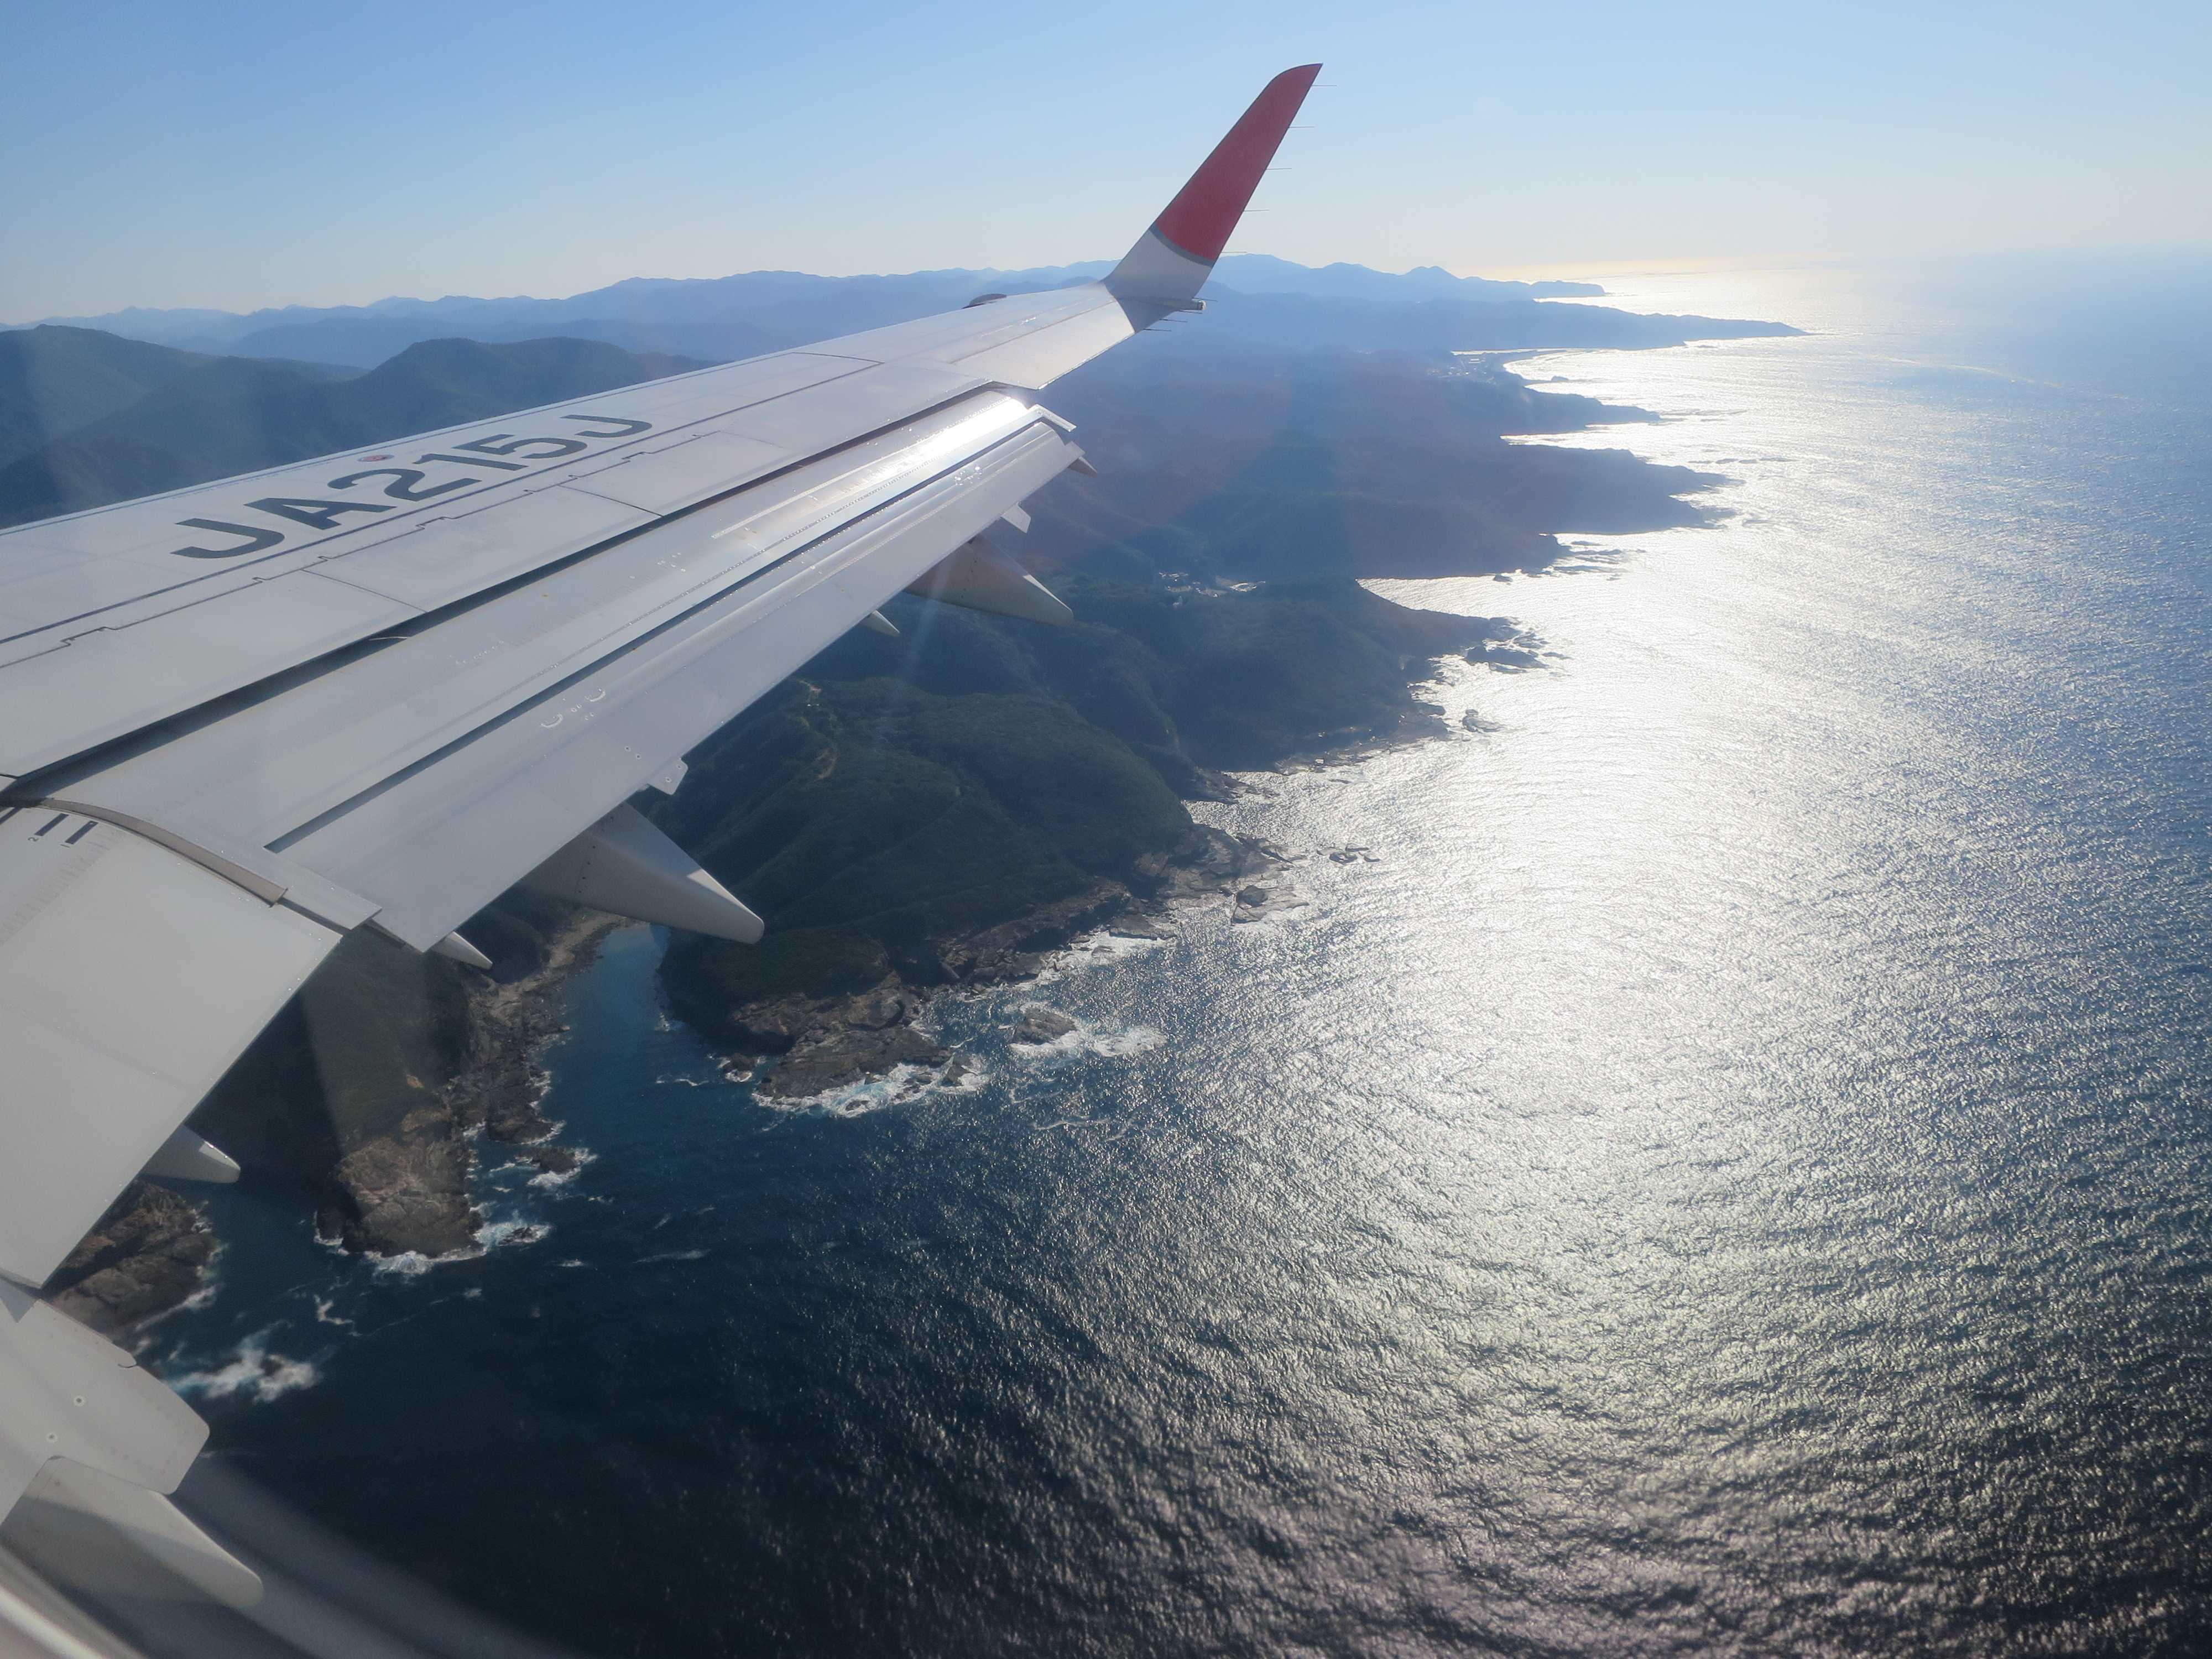 熊野古道1: 美しき紀の国(木の国)!紀伊半島を空中から眺める。和歌山到着。